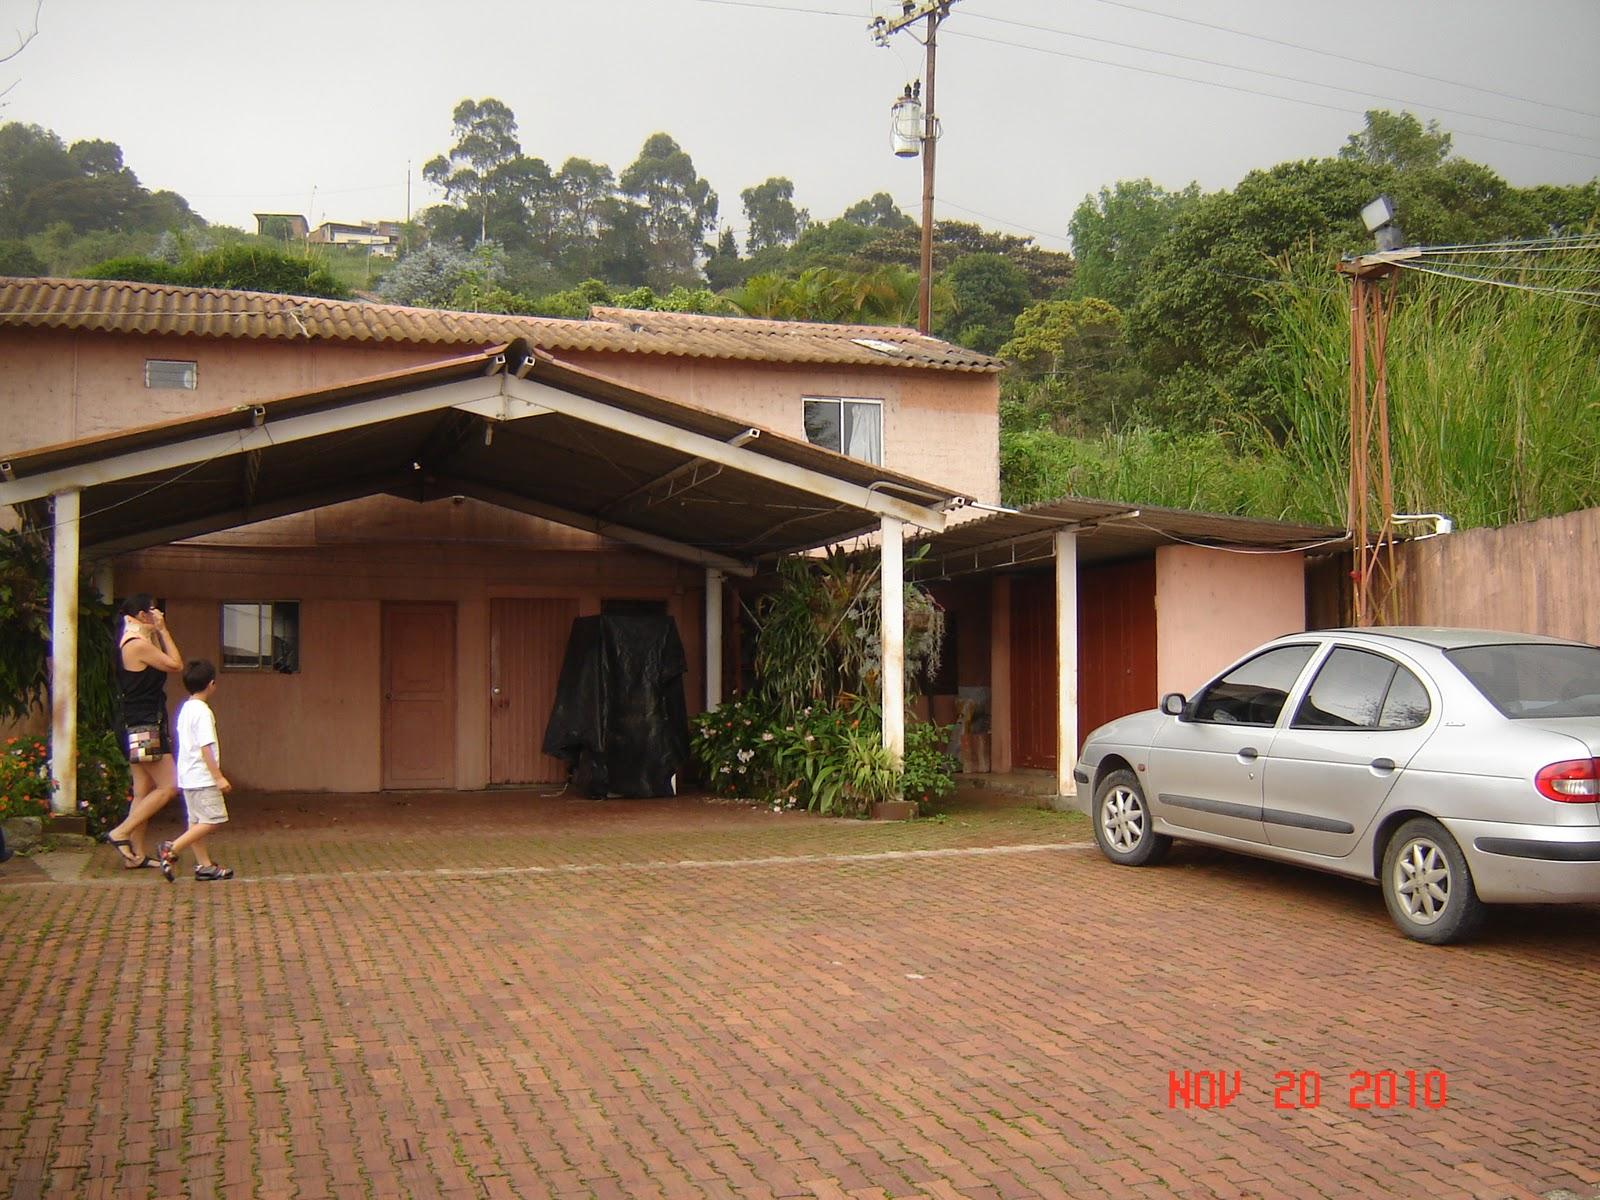 Venta finca en dapa 6400mts casa agregados garaje casa for Casas en garajes